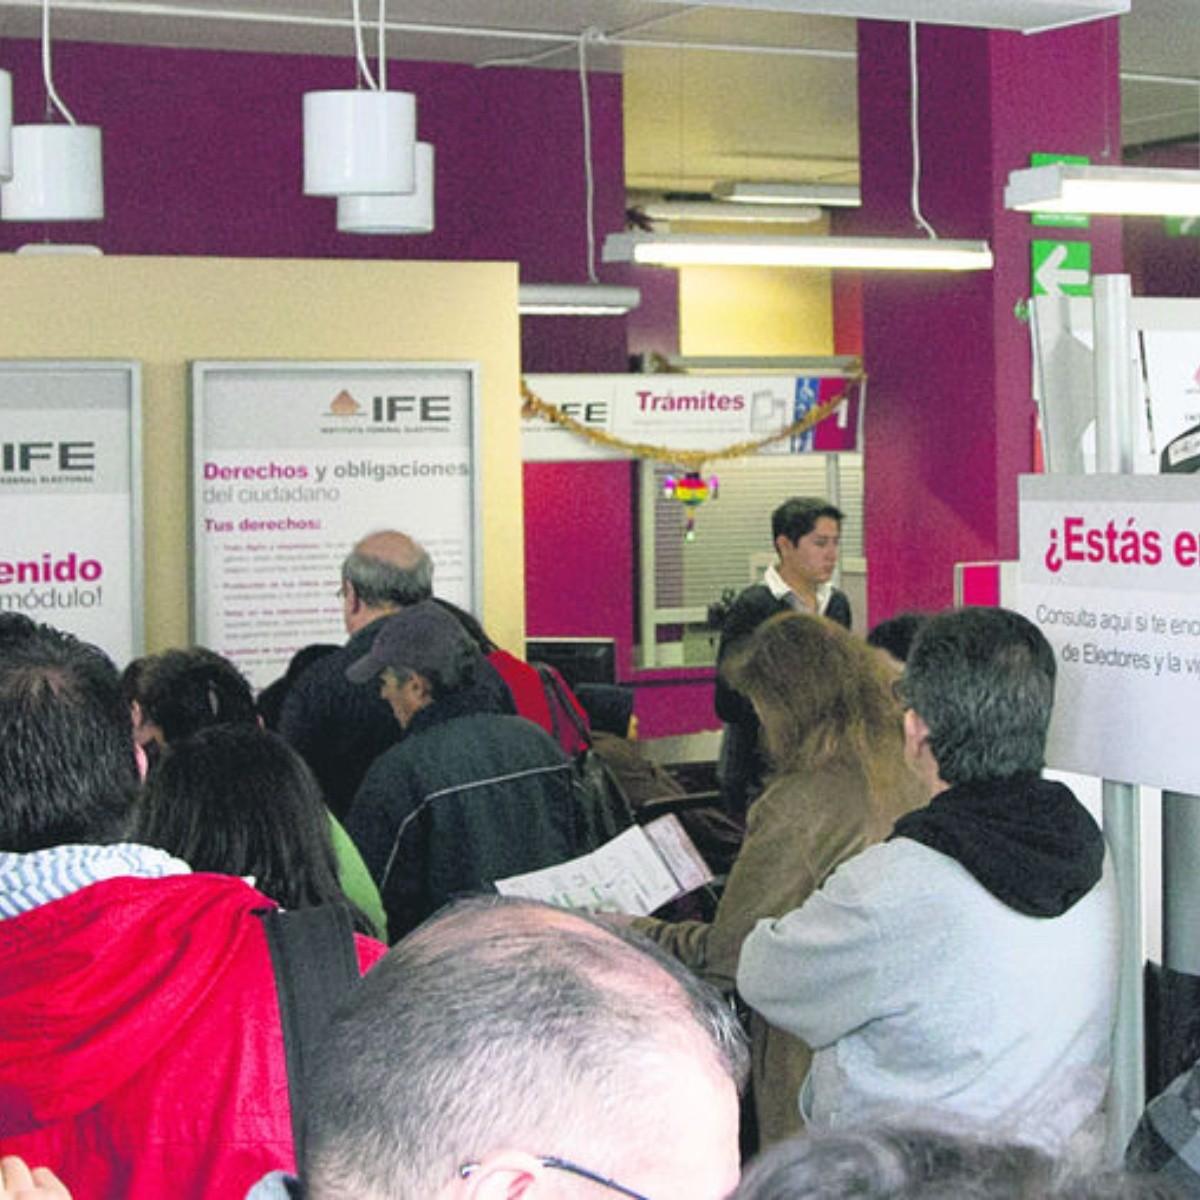 El Ife Llama A Renovar La Credencial De Elector El